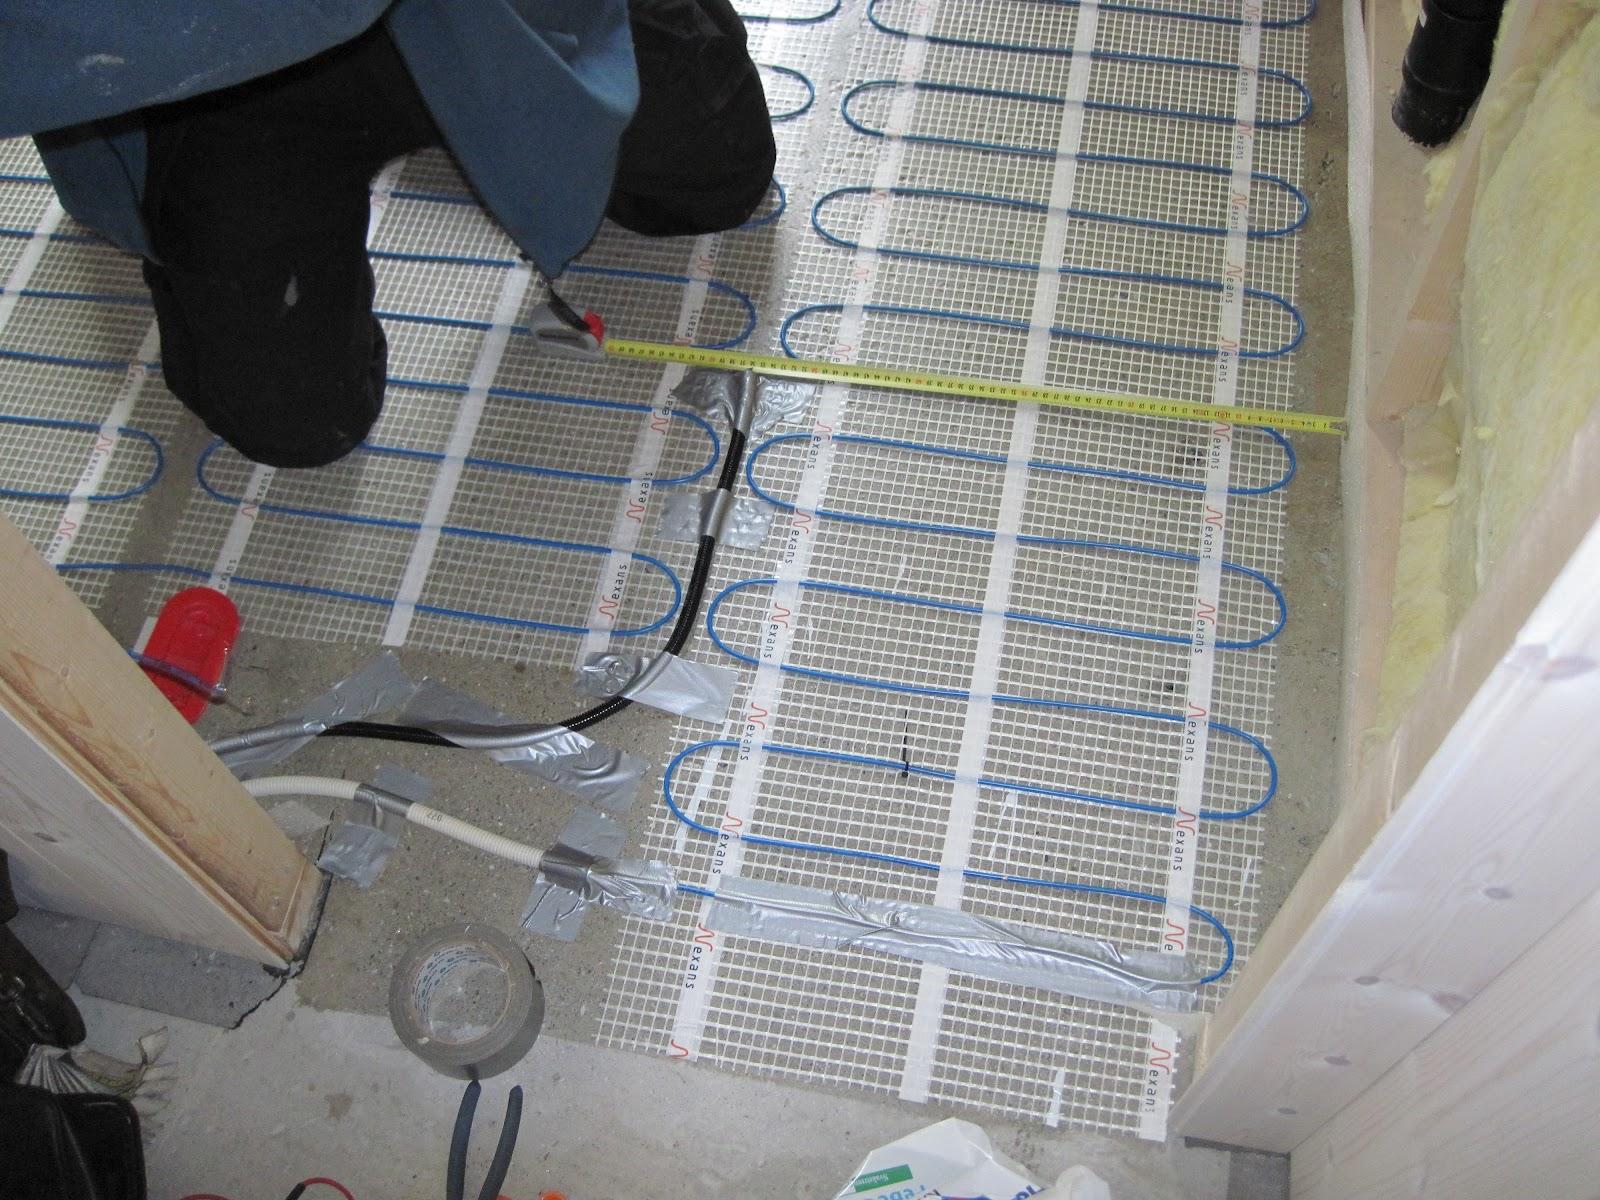 Hvordan legge varmekabler utendørs